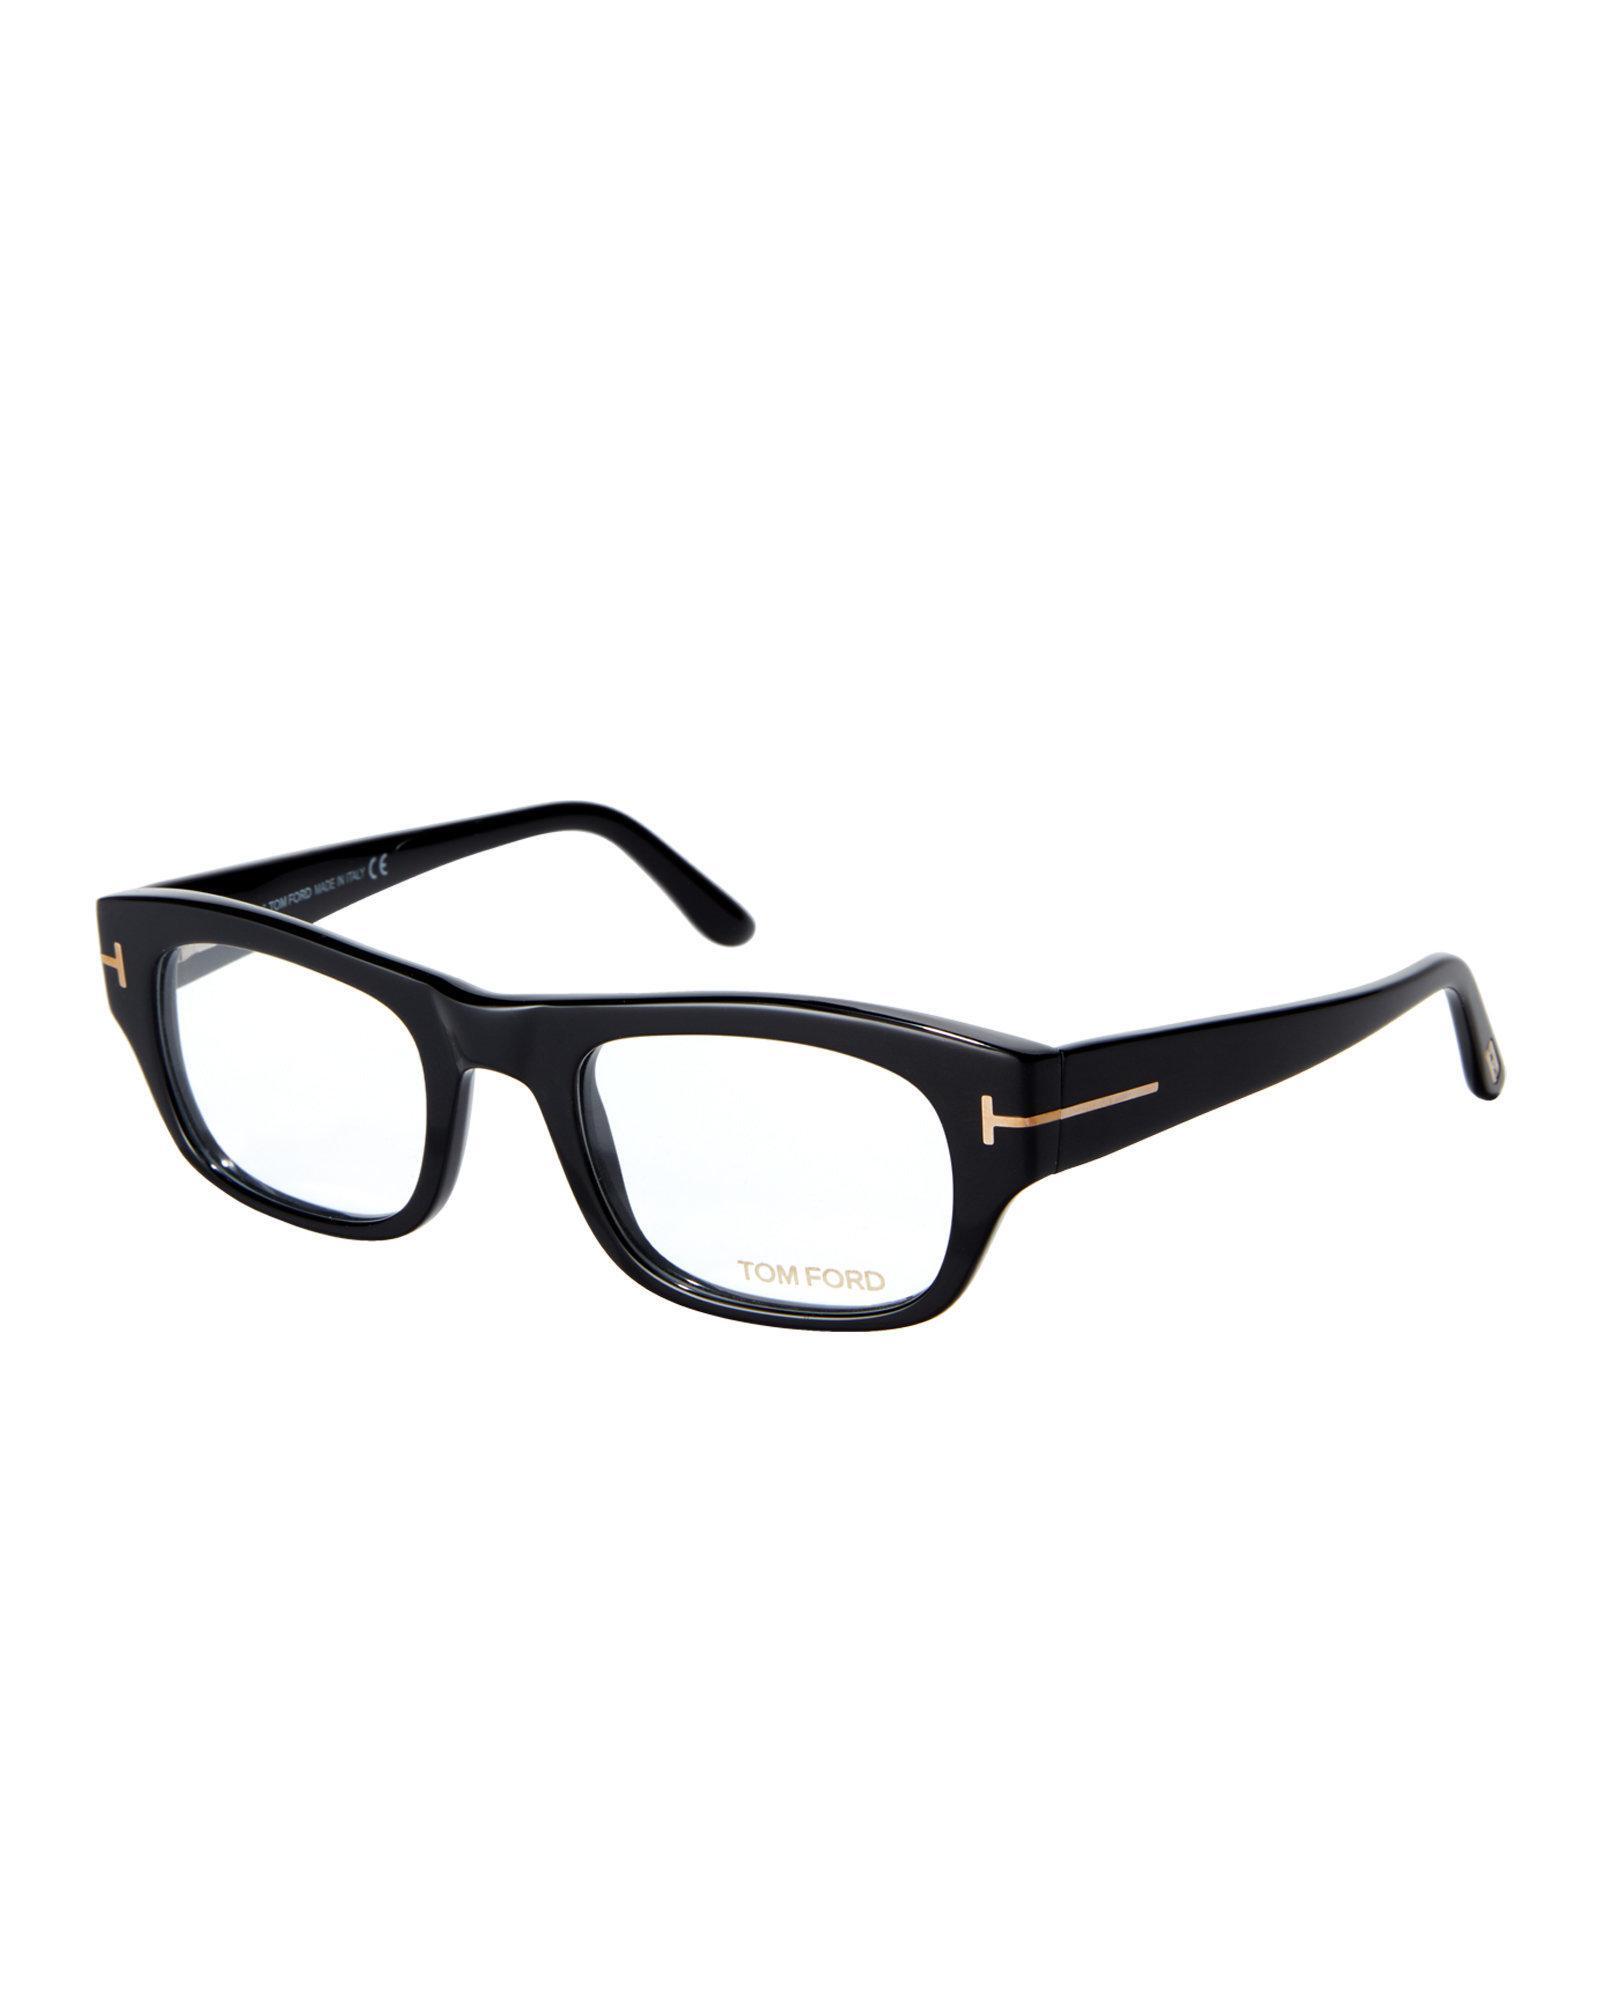 Lyst - Tom Ford Tf5415 Black Rectangular Frames in Black for Men